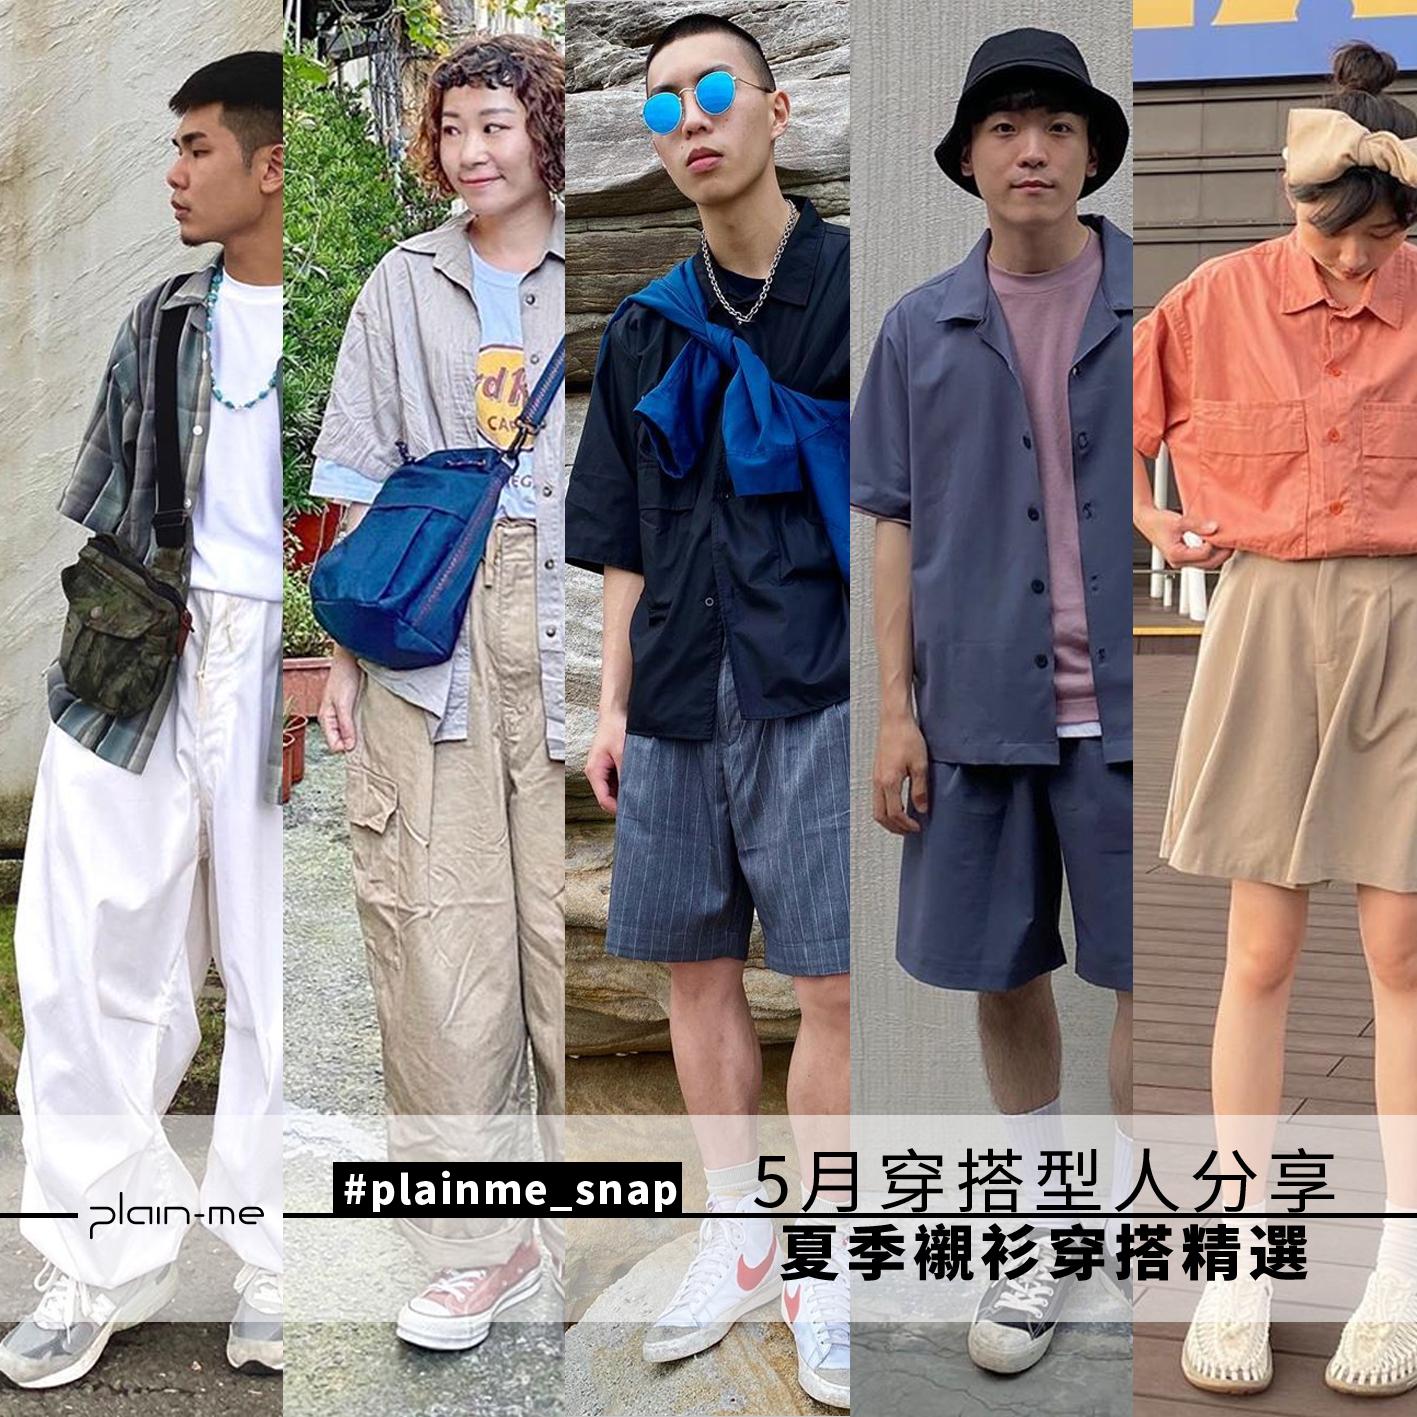 襯衫穿搭,夏季襯衫,IG,IG型人穿搭,instagram,plainme_snap,型人,夏季穿搭,搭配,早春穿搭,春夏穿搭,春季穿搭,穿搭,穿搭型人,搭風格